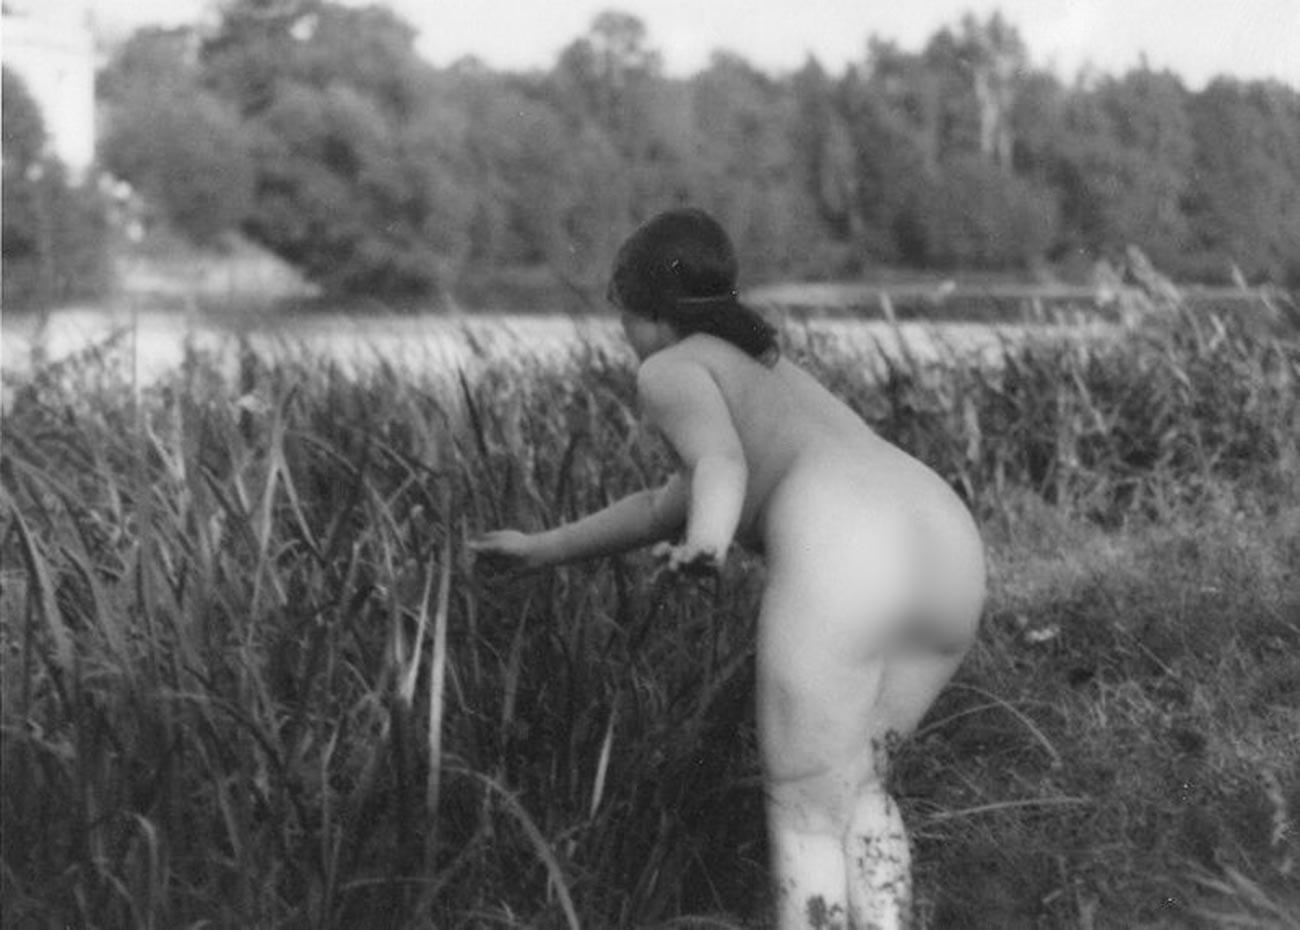 Gola ženska, dvajseta leta 20. stoletja